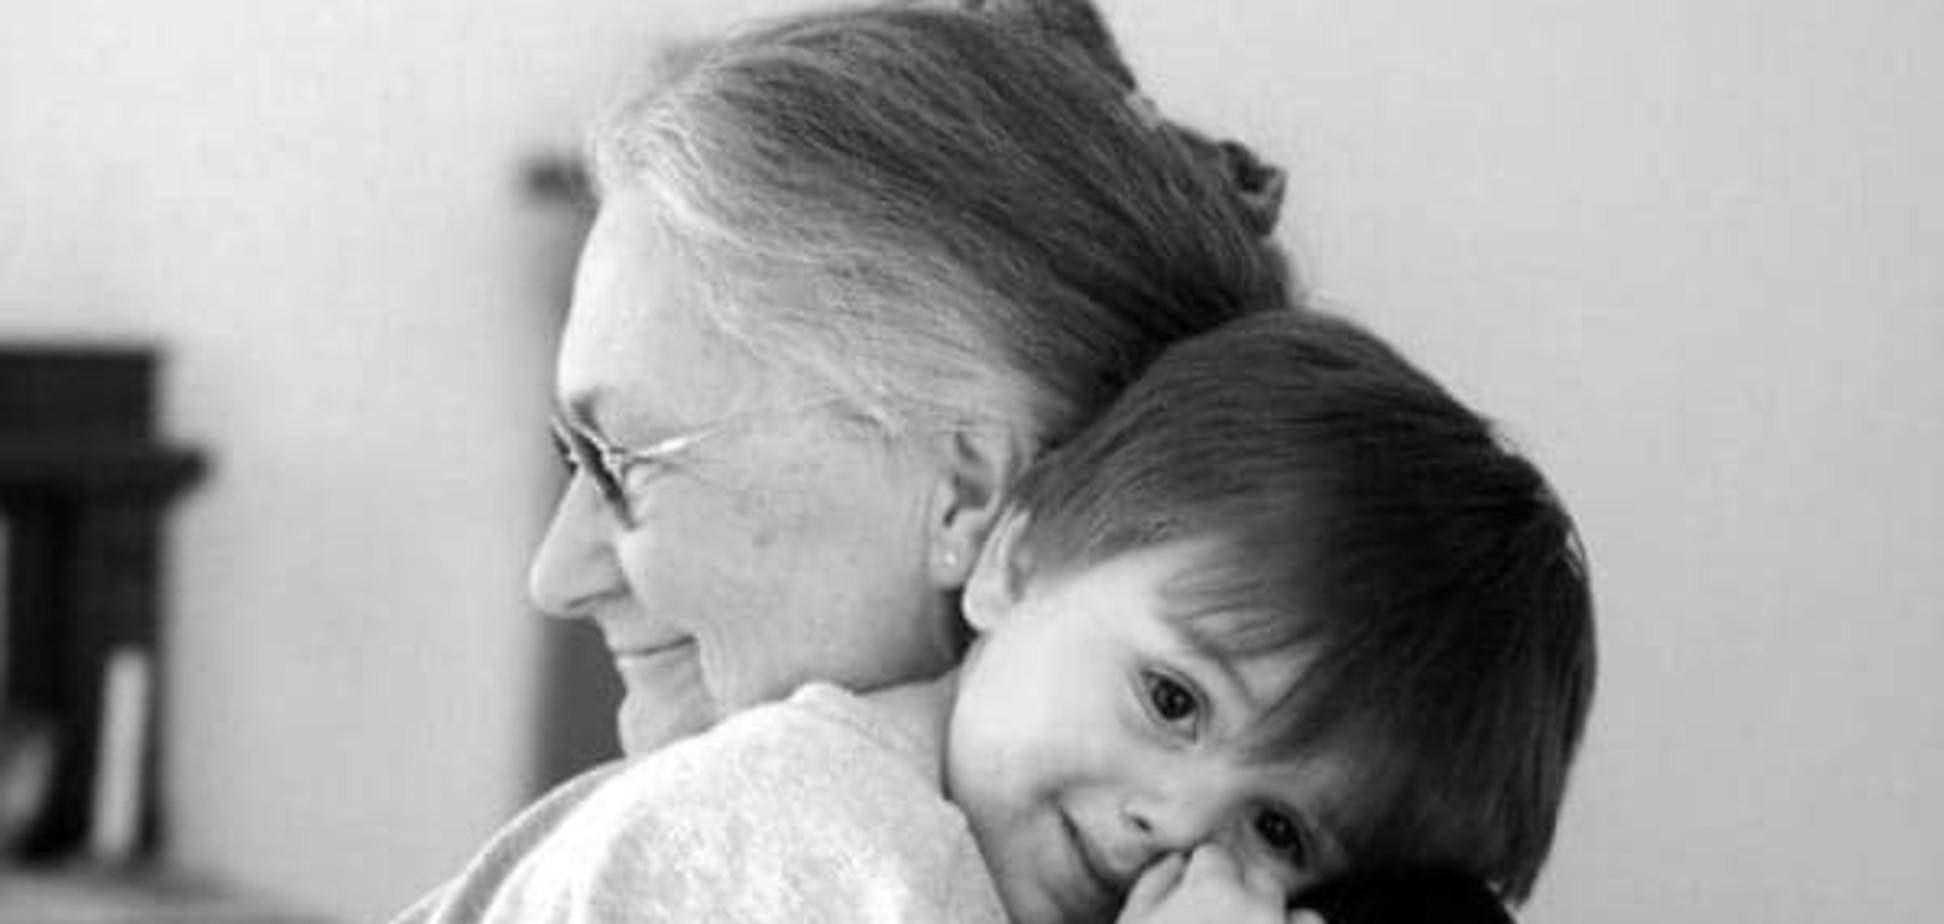 10 фраз, которые не стоит произносить хорошей бабушке